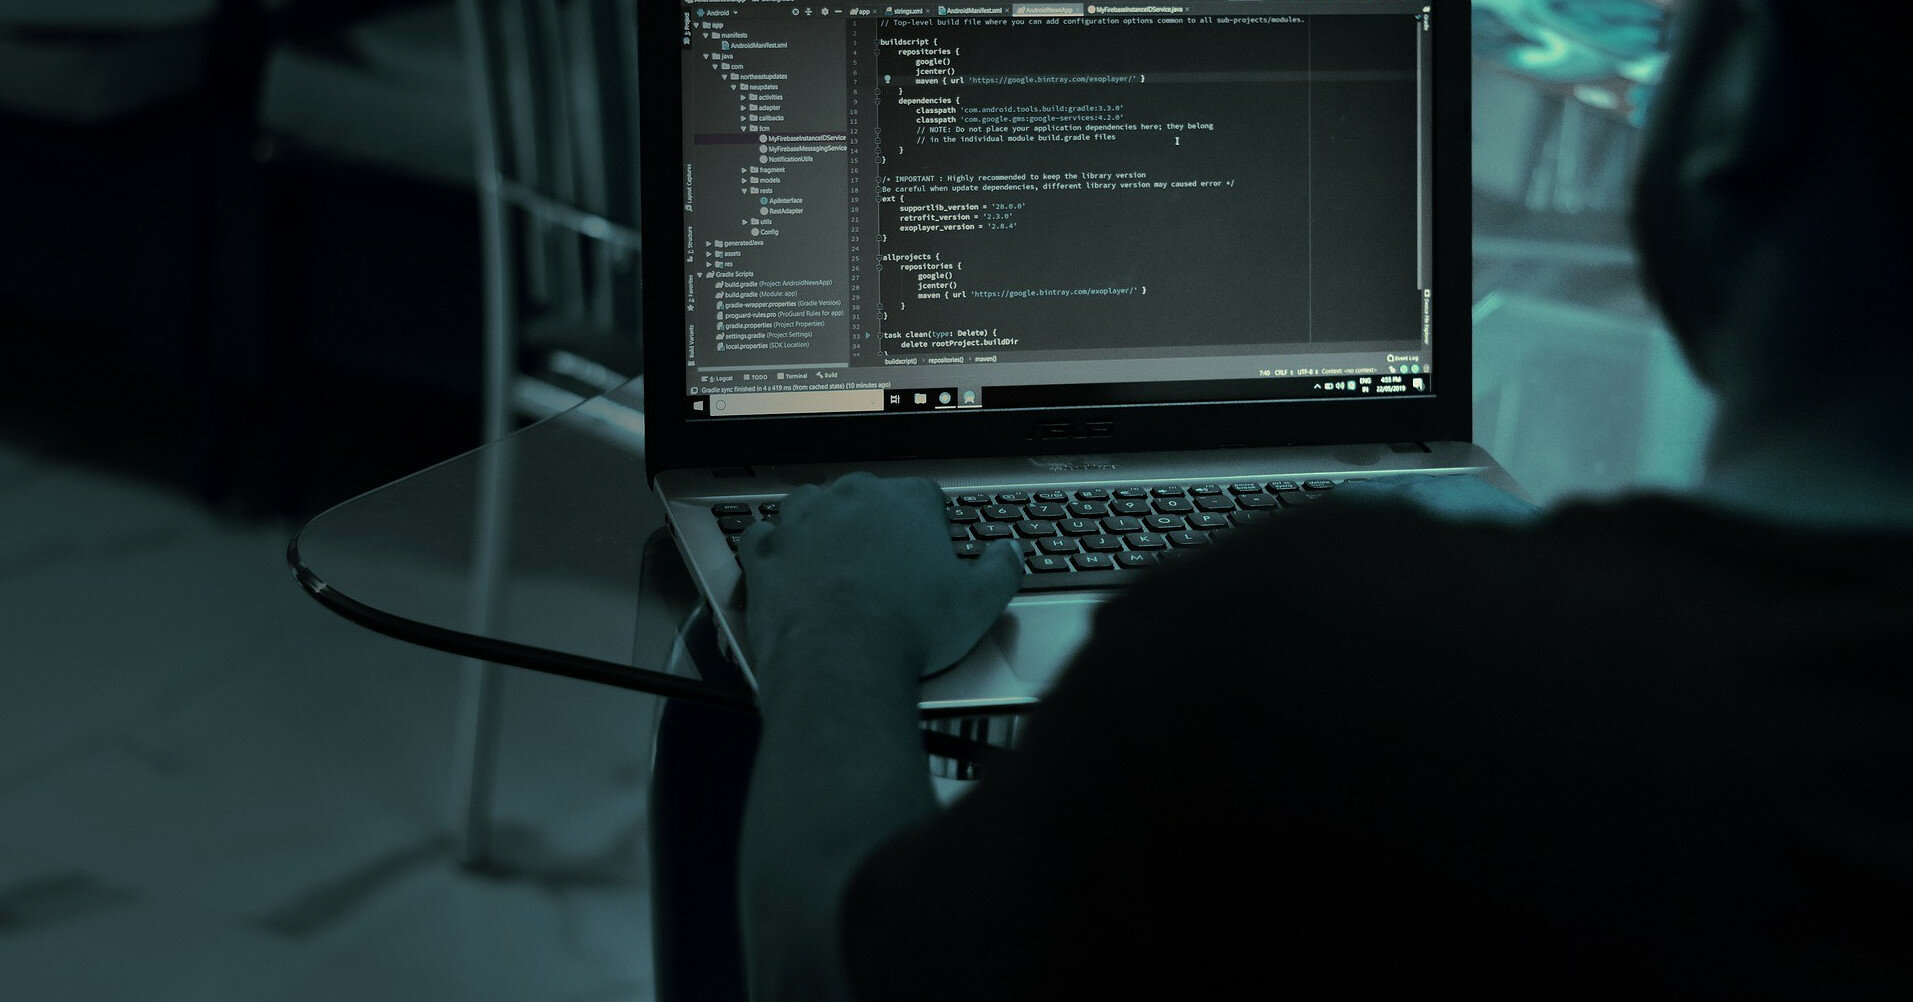 Похитивший $611 млн хакер сообщил о готовности вернуть средства